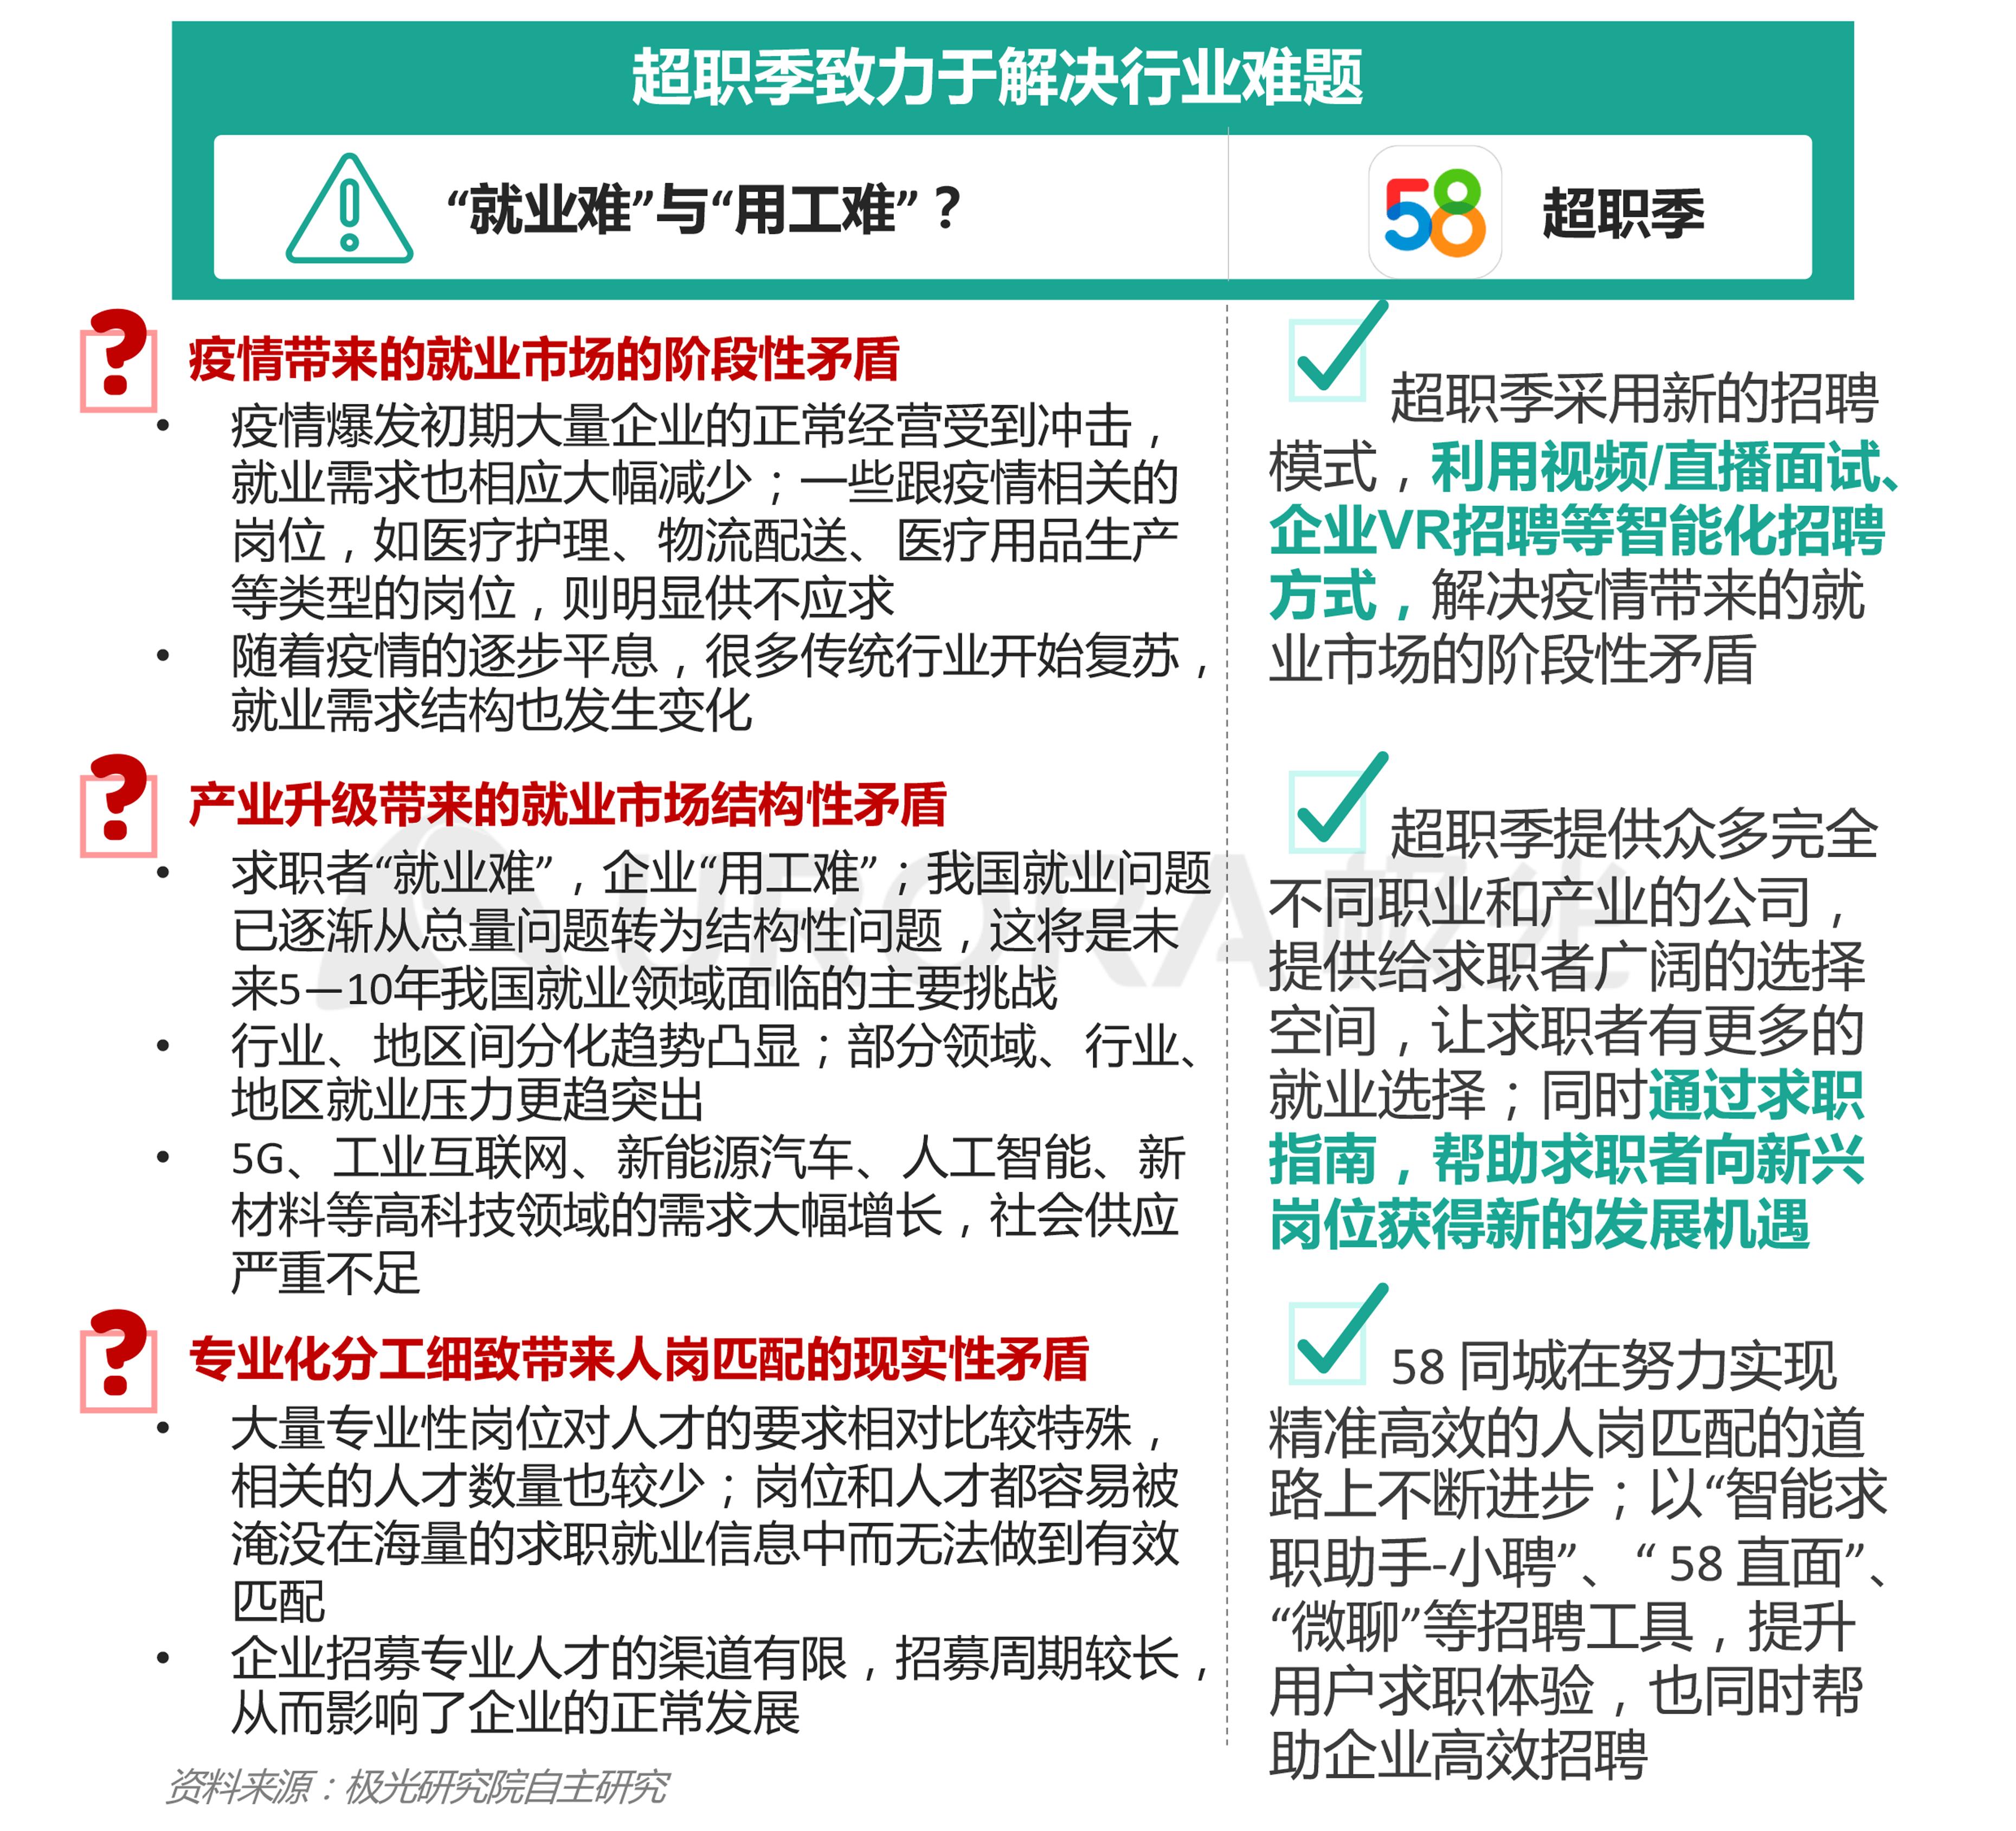 """""""超职季""""招聘行业报告-汇总版 (9).png"""